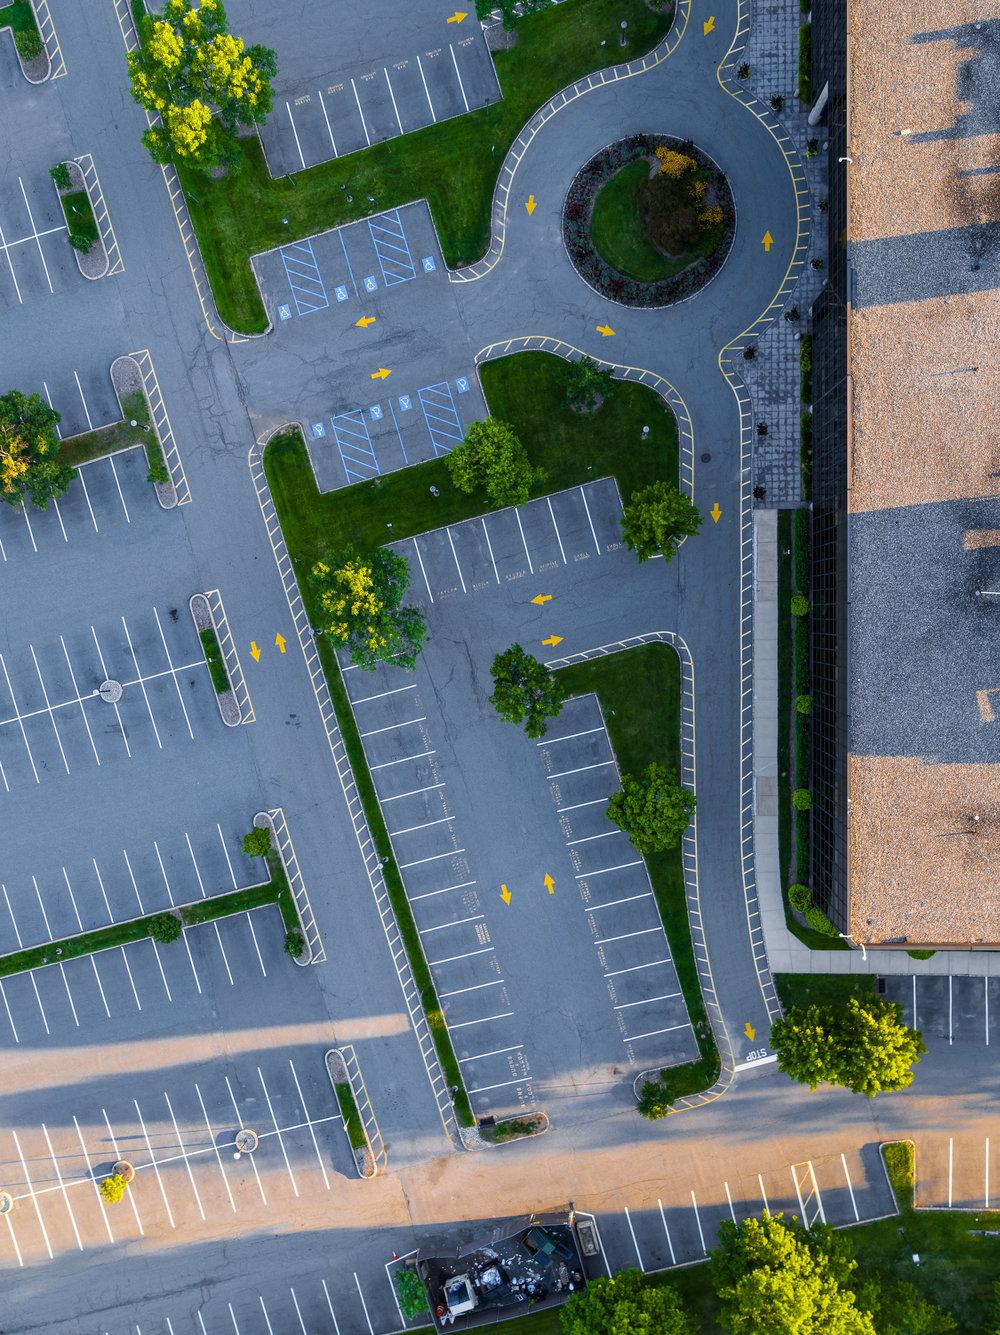 buildings_typoland_aerial-3.jpg